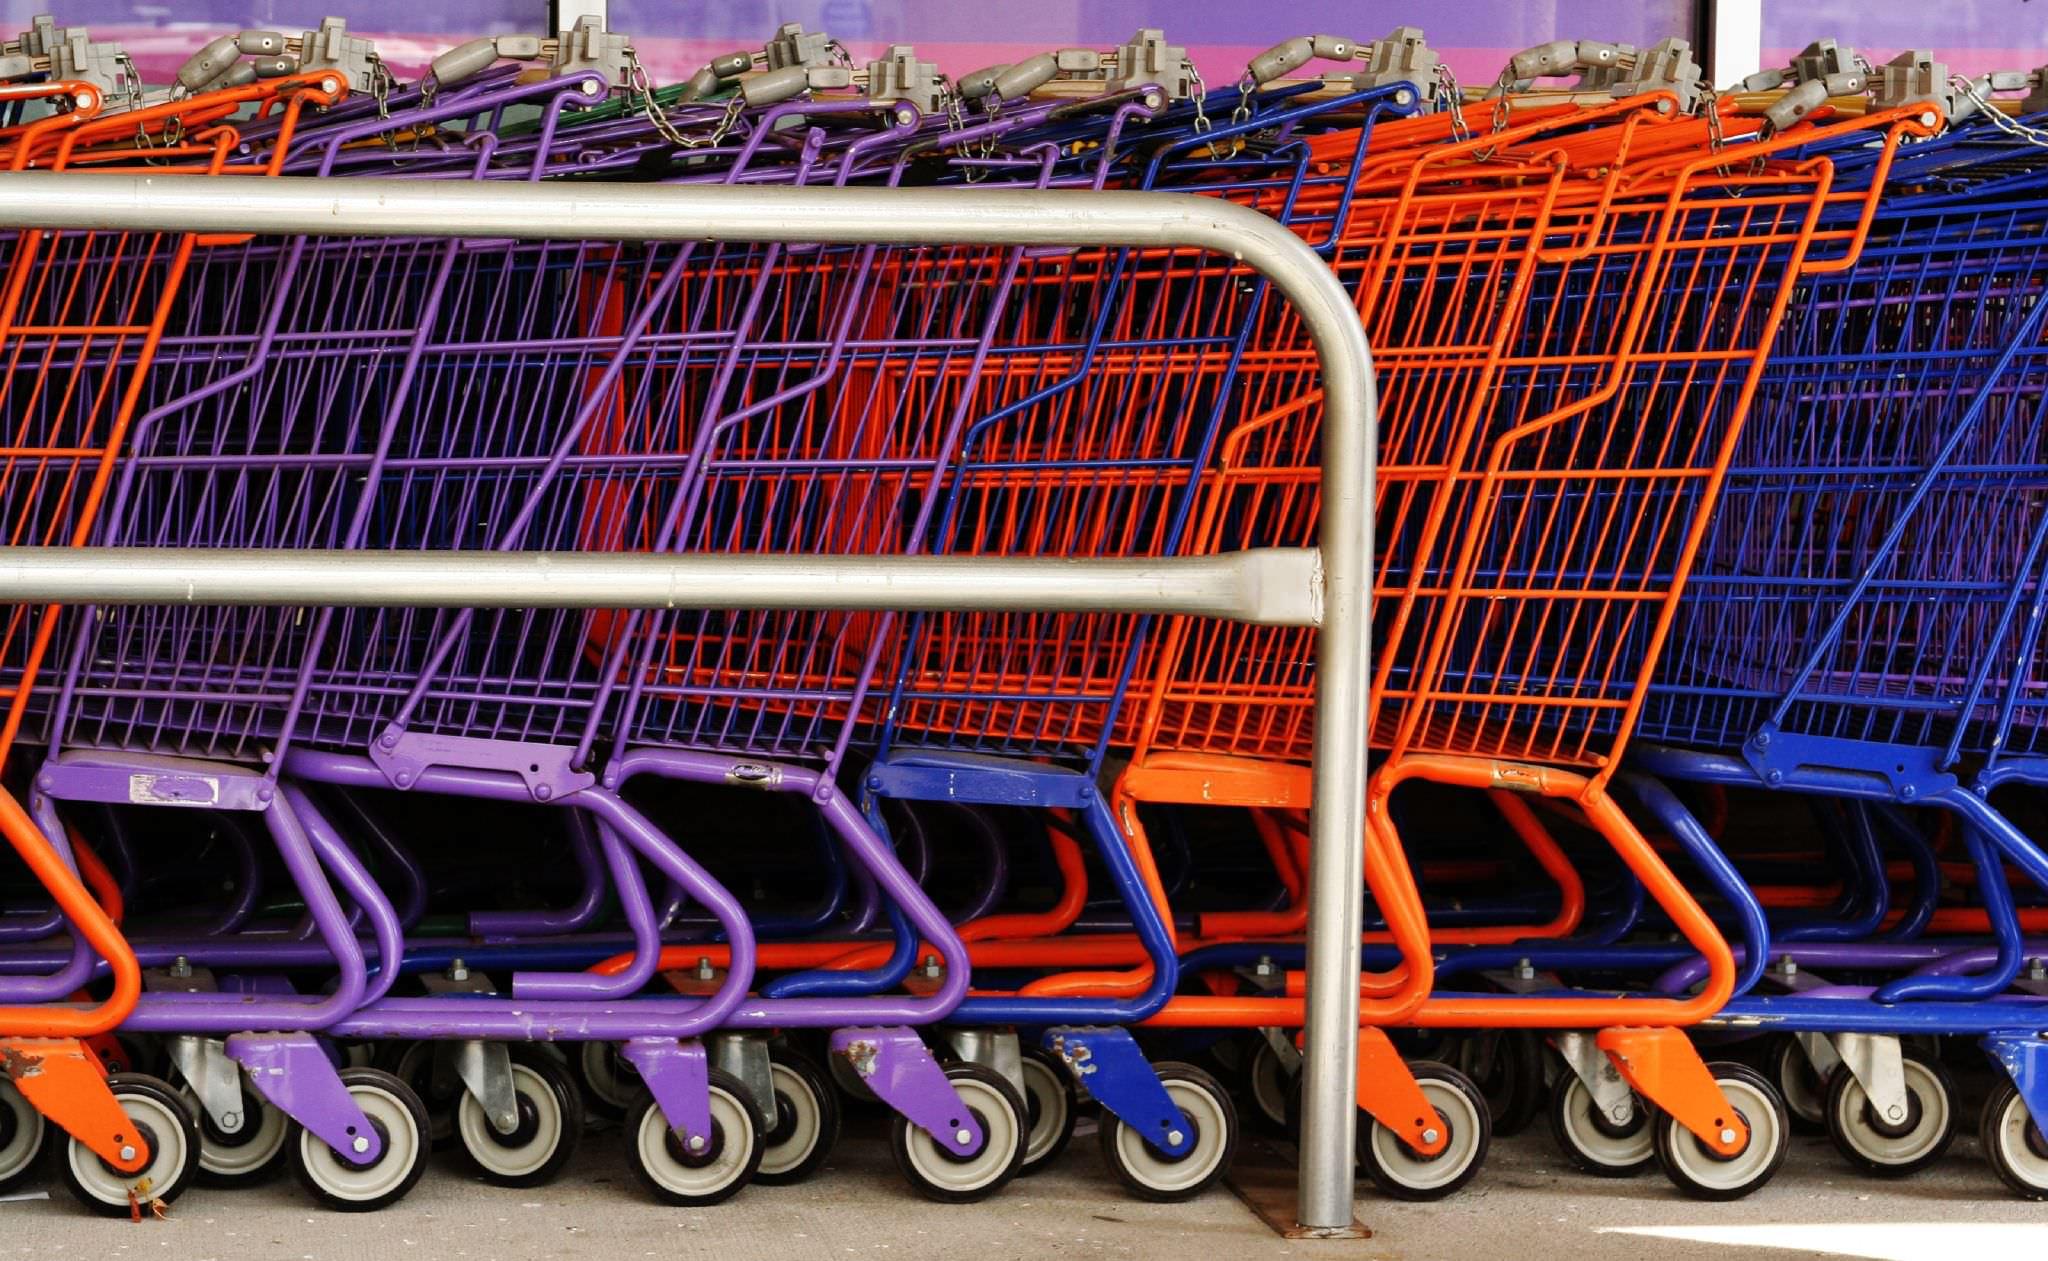 Covid Sicilia, allarme focolai nei supermercati. Intere famiglie ricoverate, tutta colpa dei carrelli